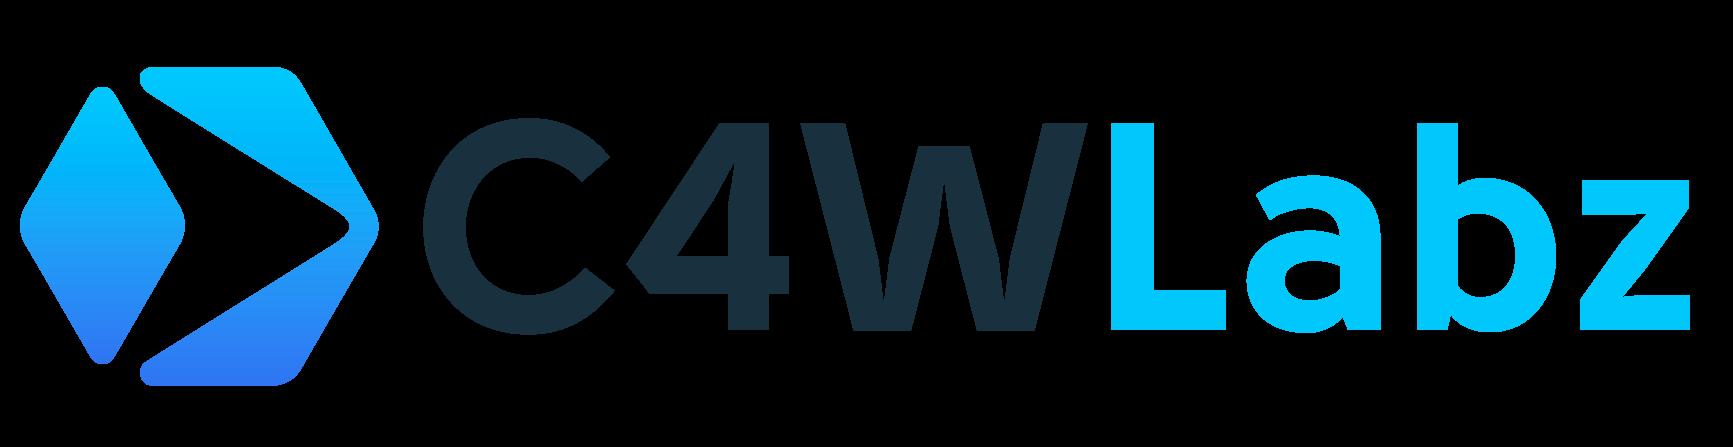 C4W Labz